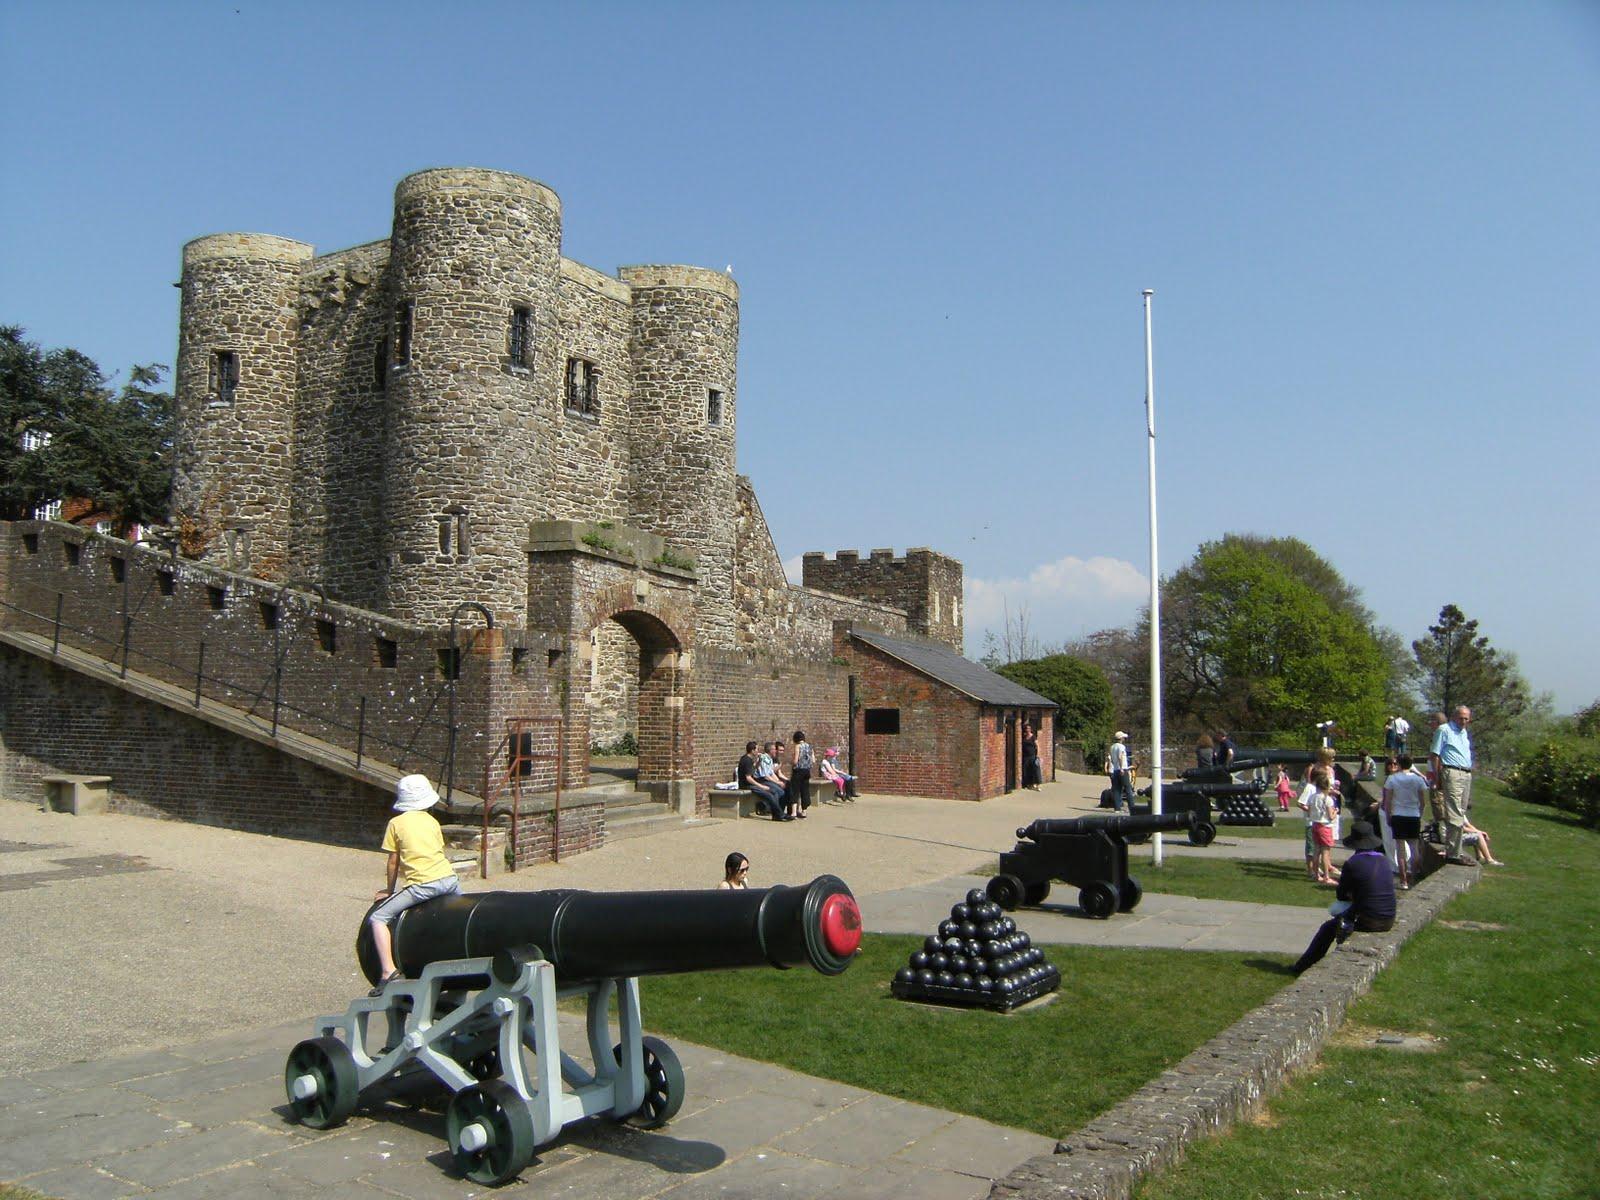 DSCF7352 Ypres Tower and Gun Gardens, Rye